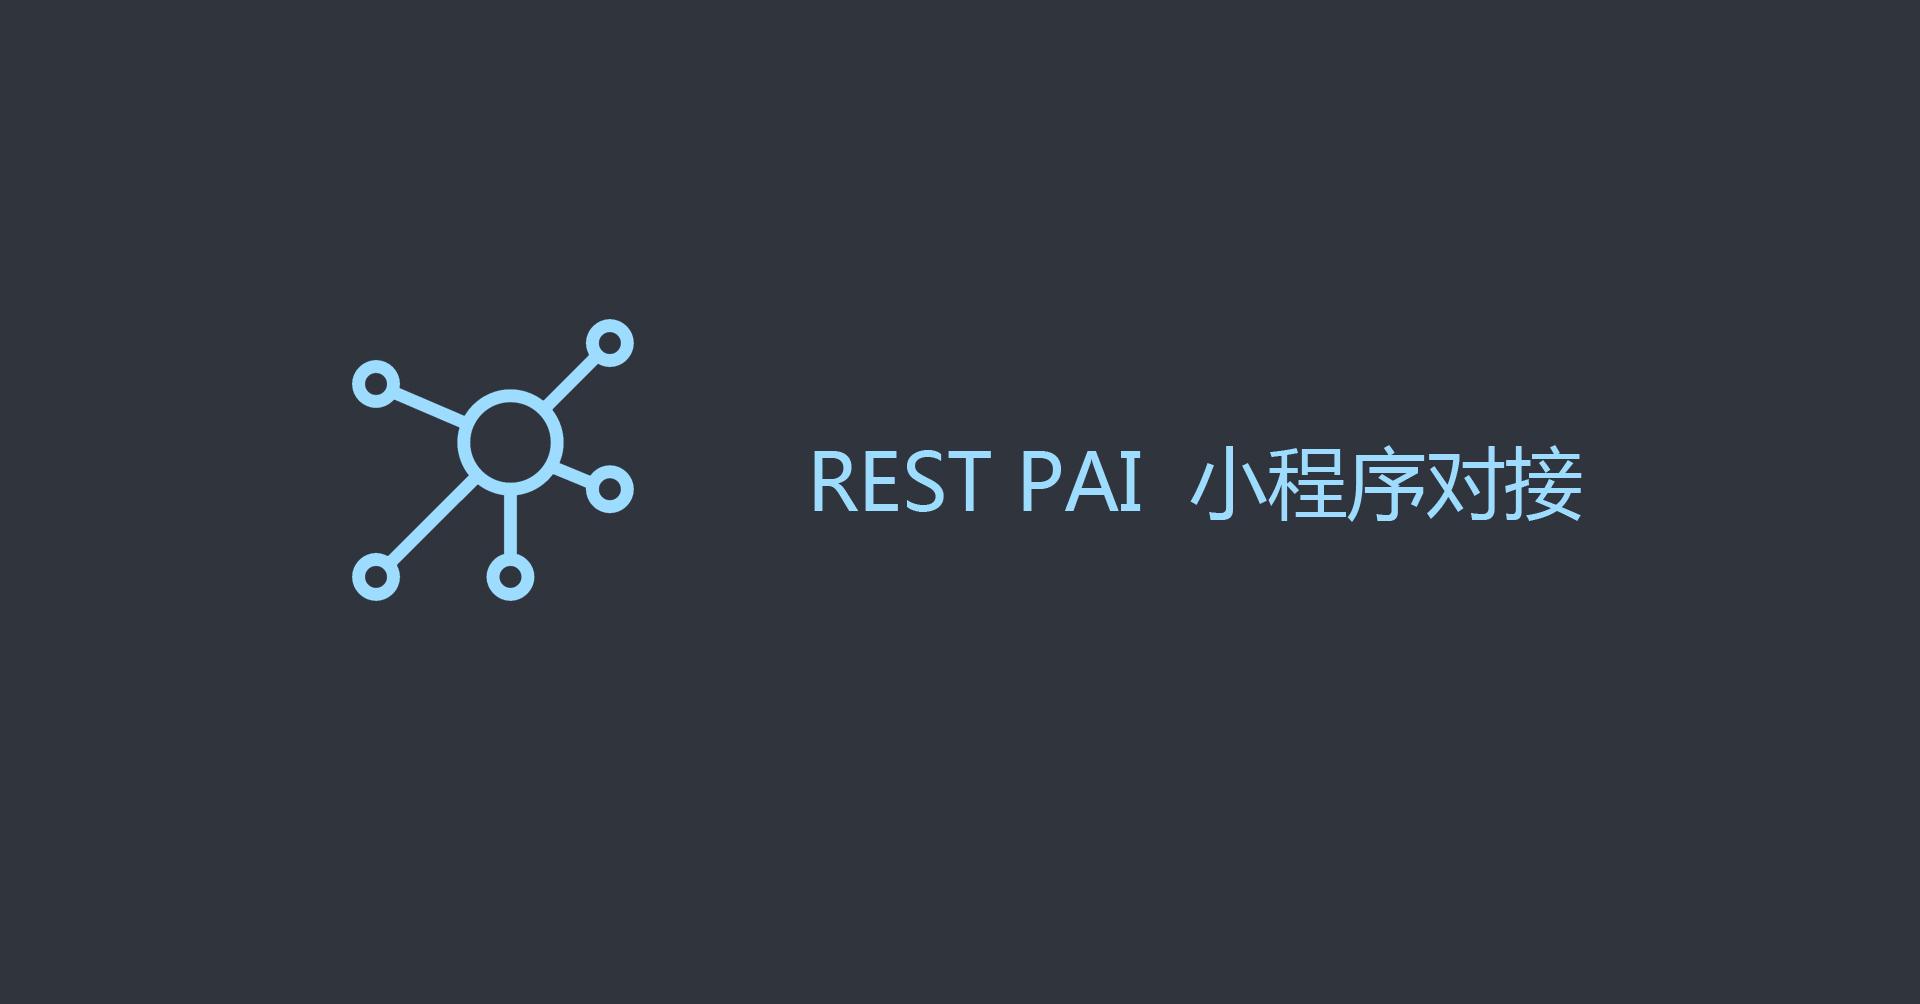 WP利用REST API 对接微信小程序